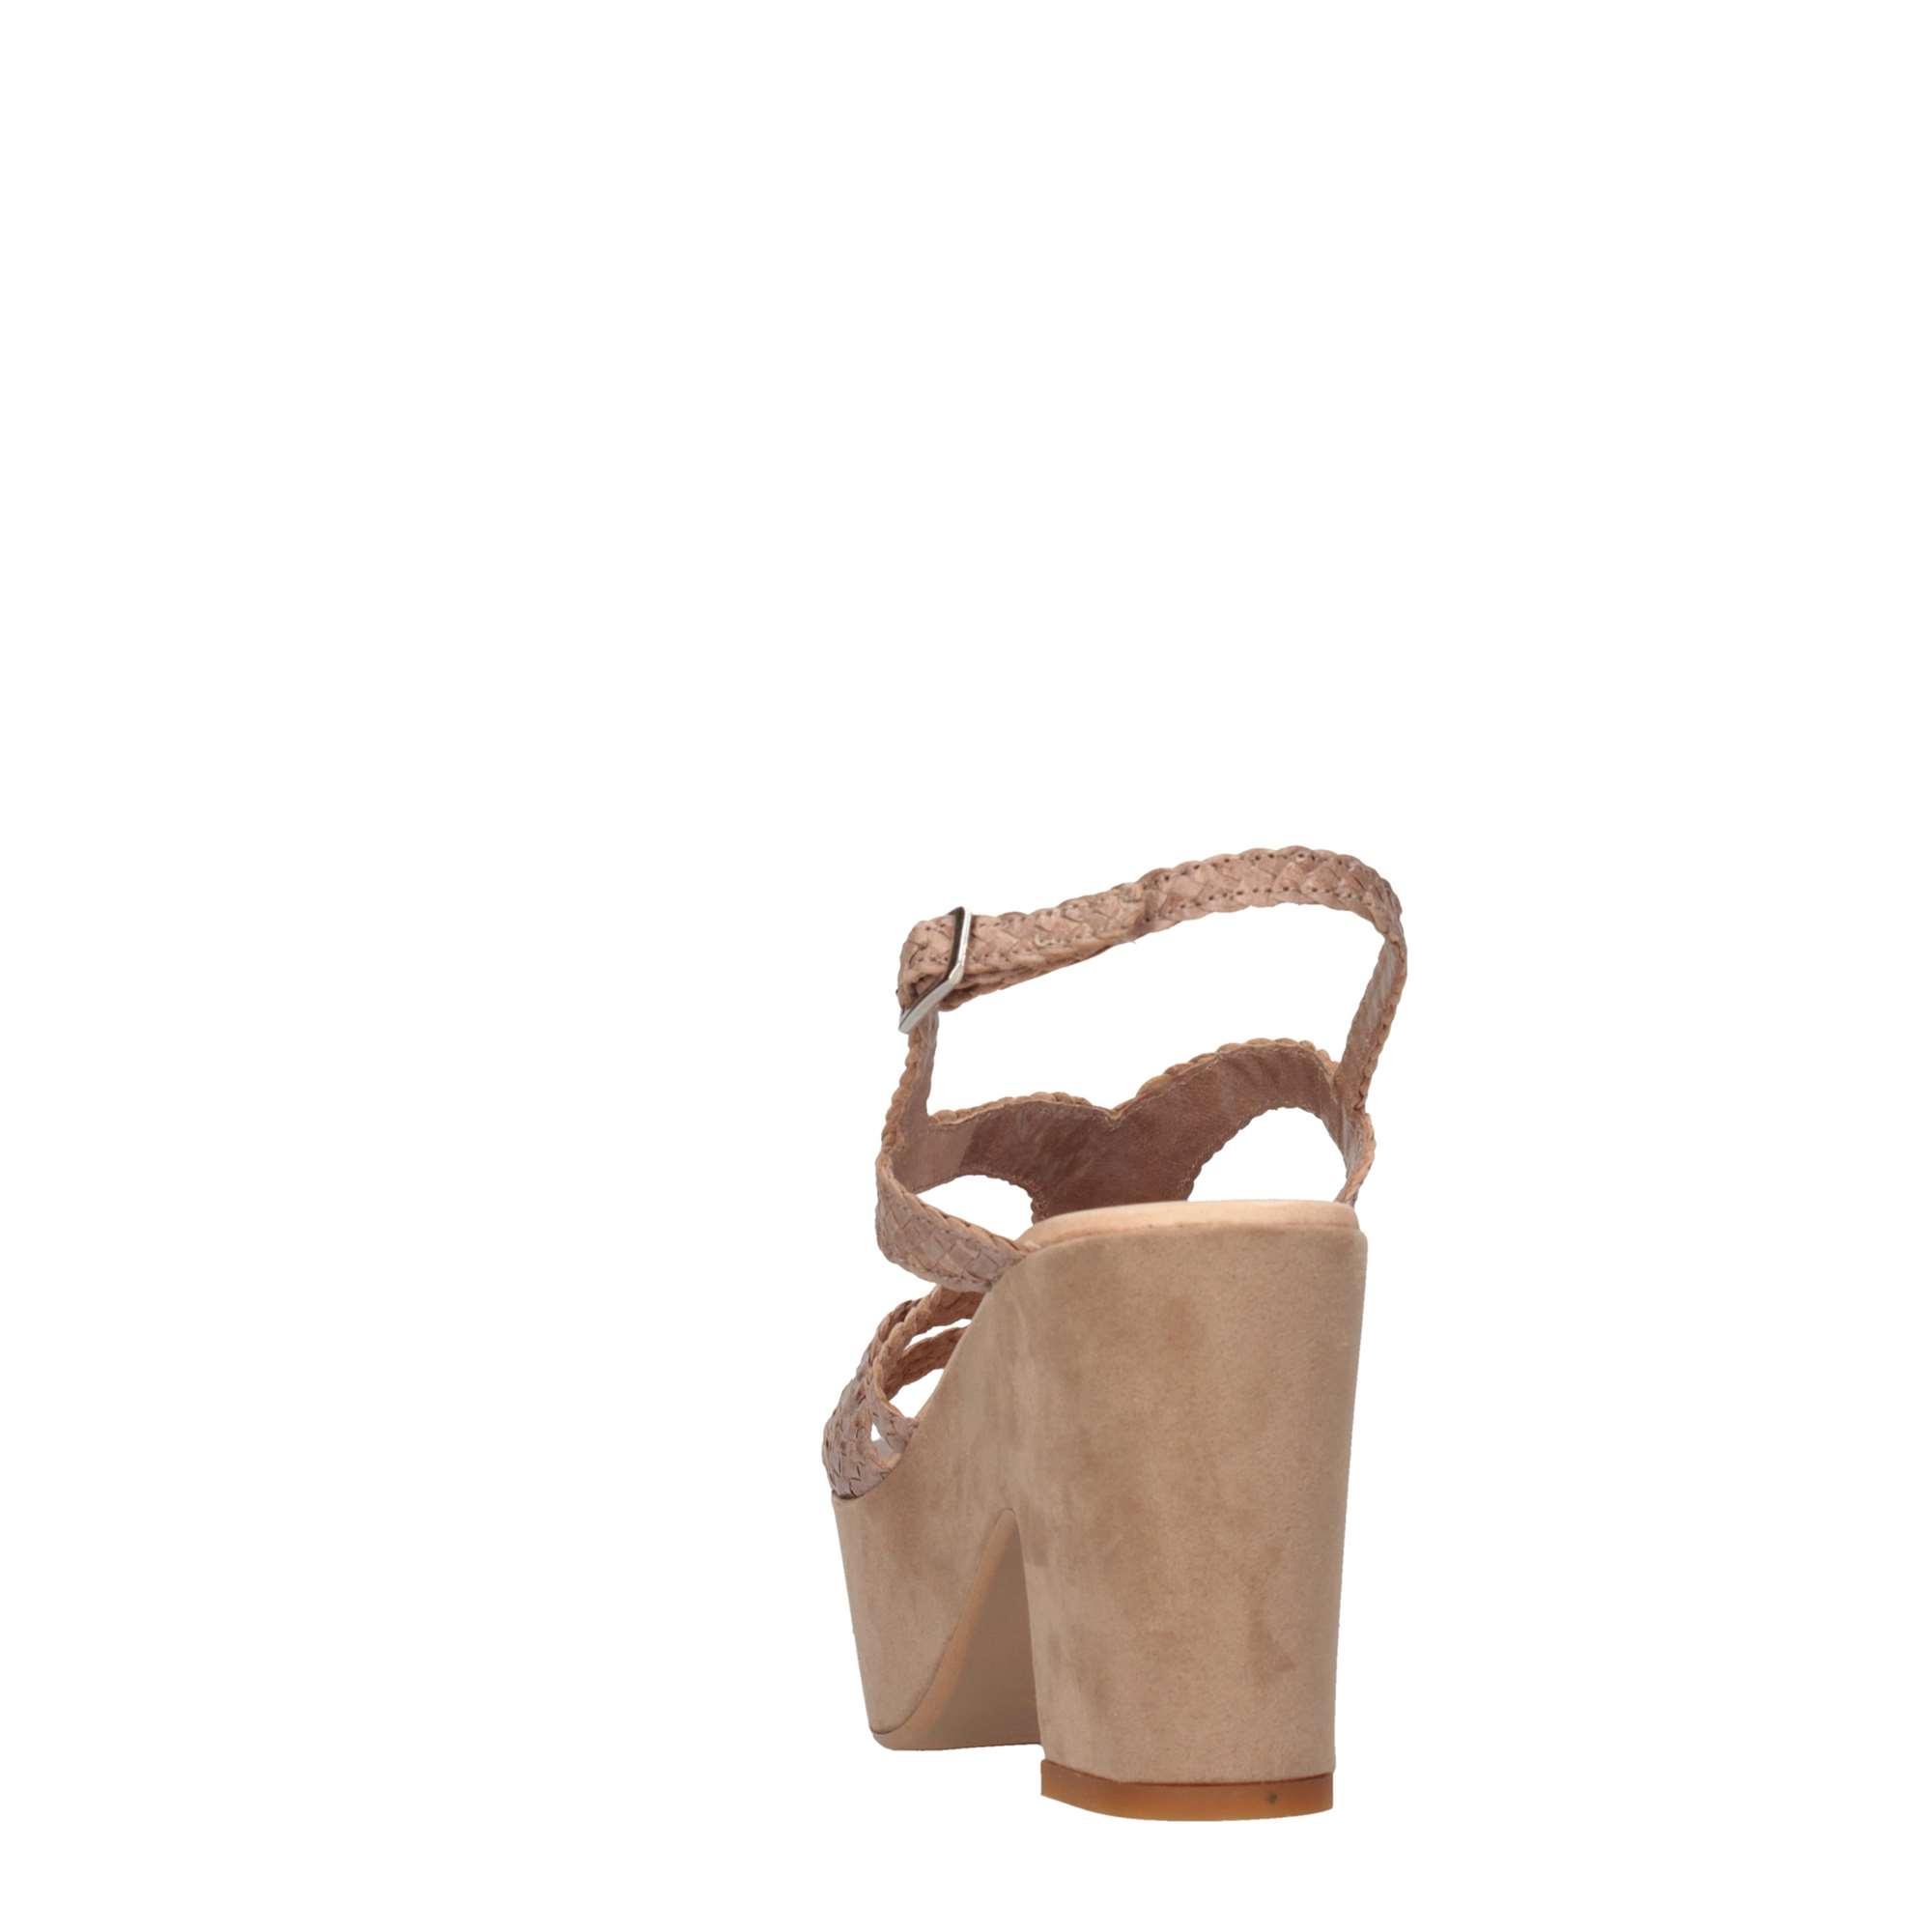 Sandalo-Donna-David-Haron-TRECCIA-4-F4C-BEIGE-Primavera-Estate